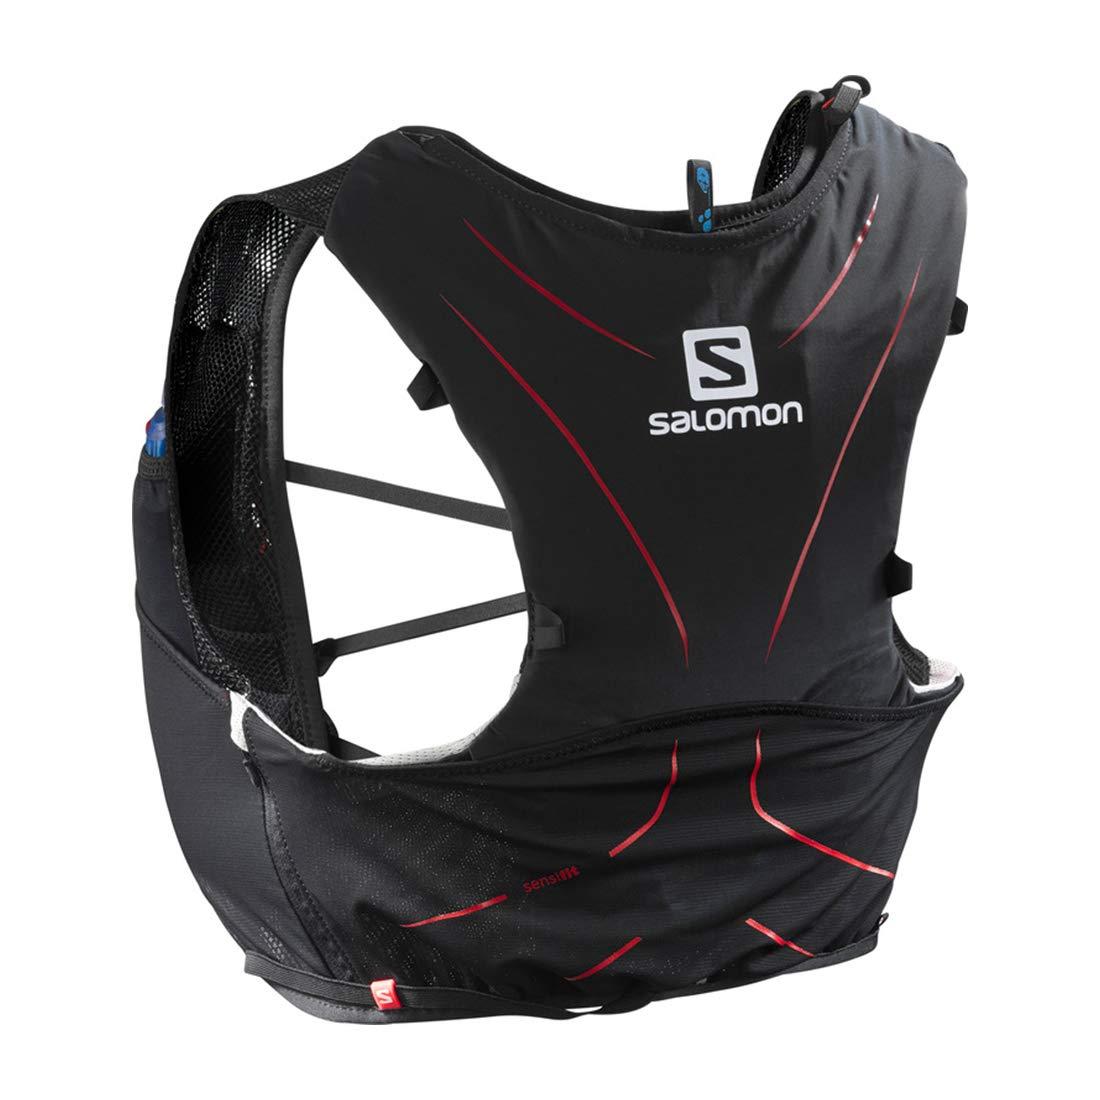 Salomon ADV Skin 5 Set Mochila Ligera de hidratación para Corriendo/Senderismo, Capacidad 5 L, Unisex Adulto, Negro/Rojo, XL: Amazon.es: Deportes y aire ...